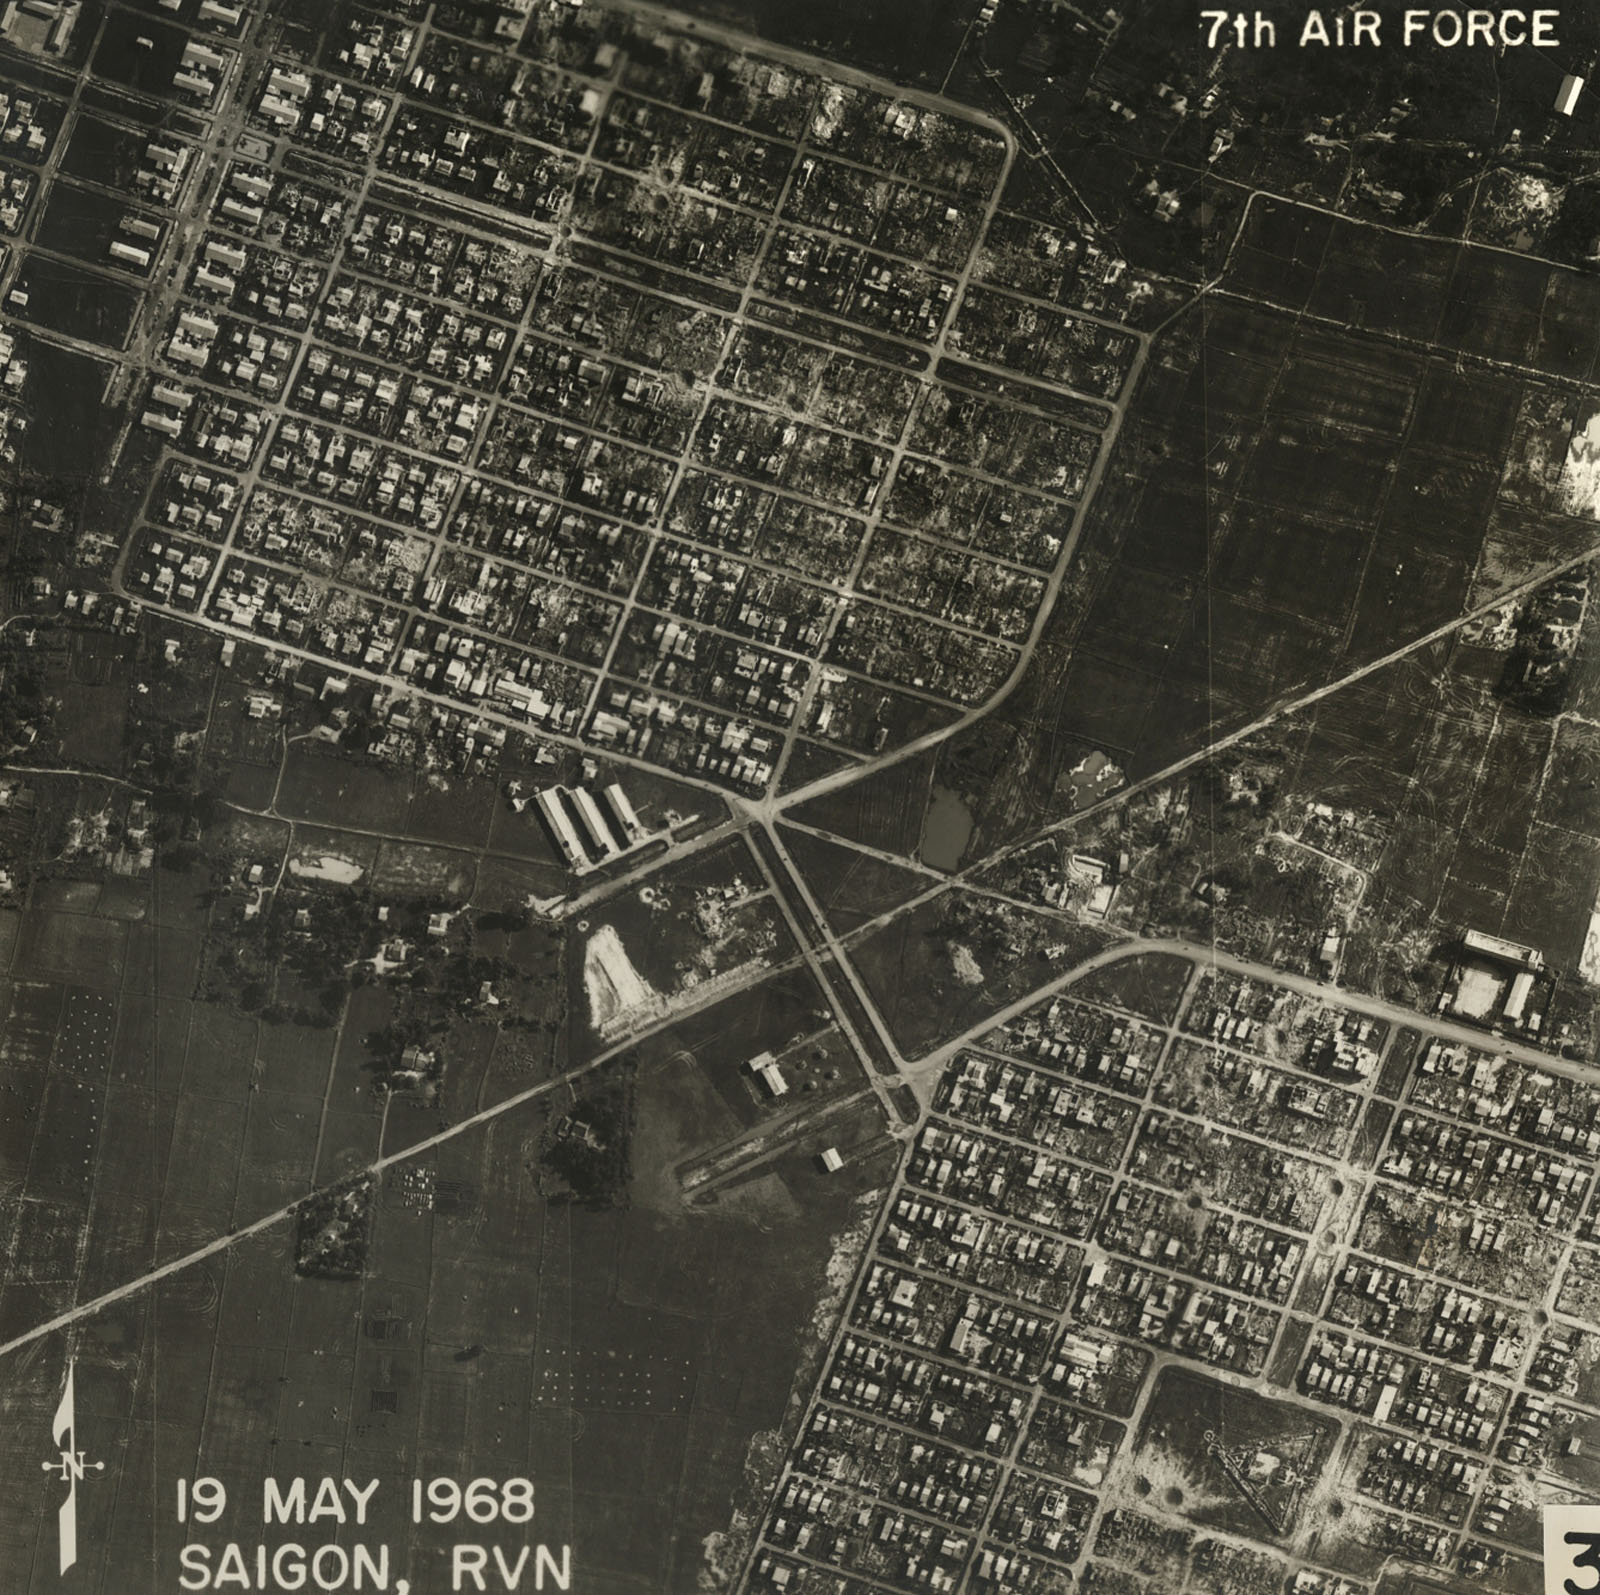 Chùm ảnh: Góc nhìn lạ về Sài Gòn năm 1968